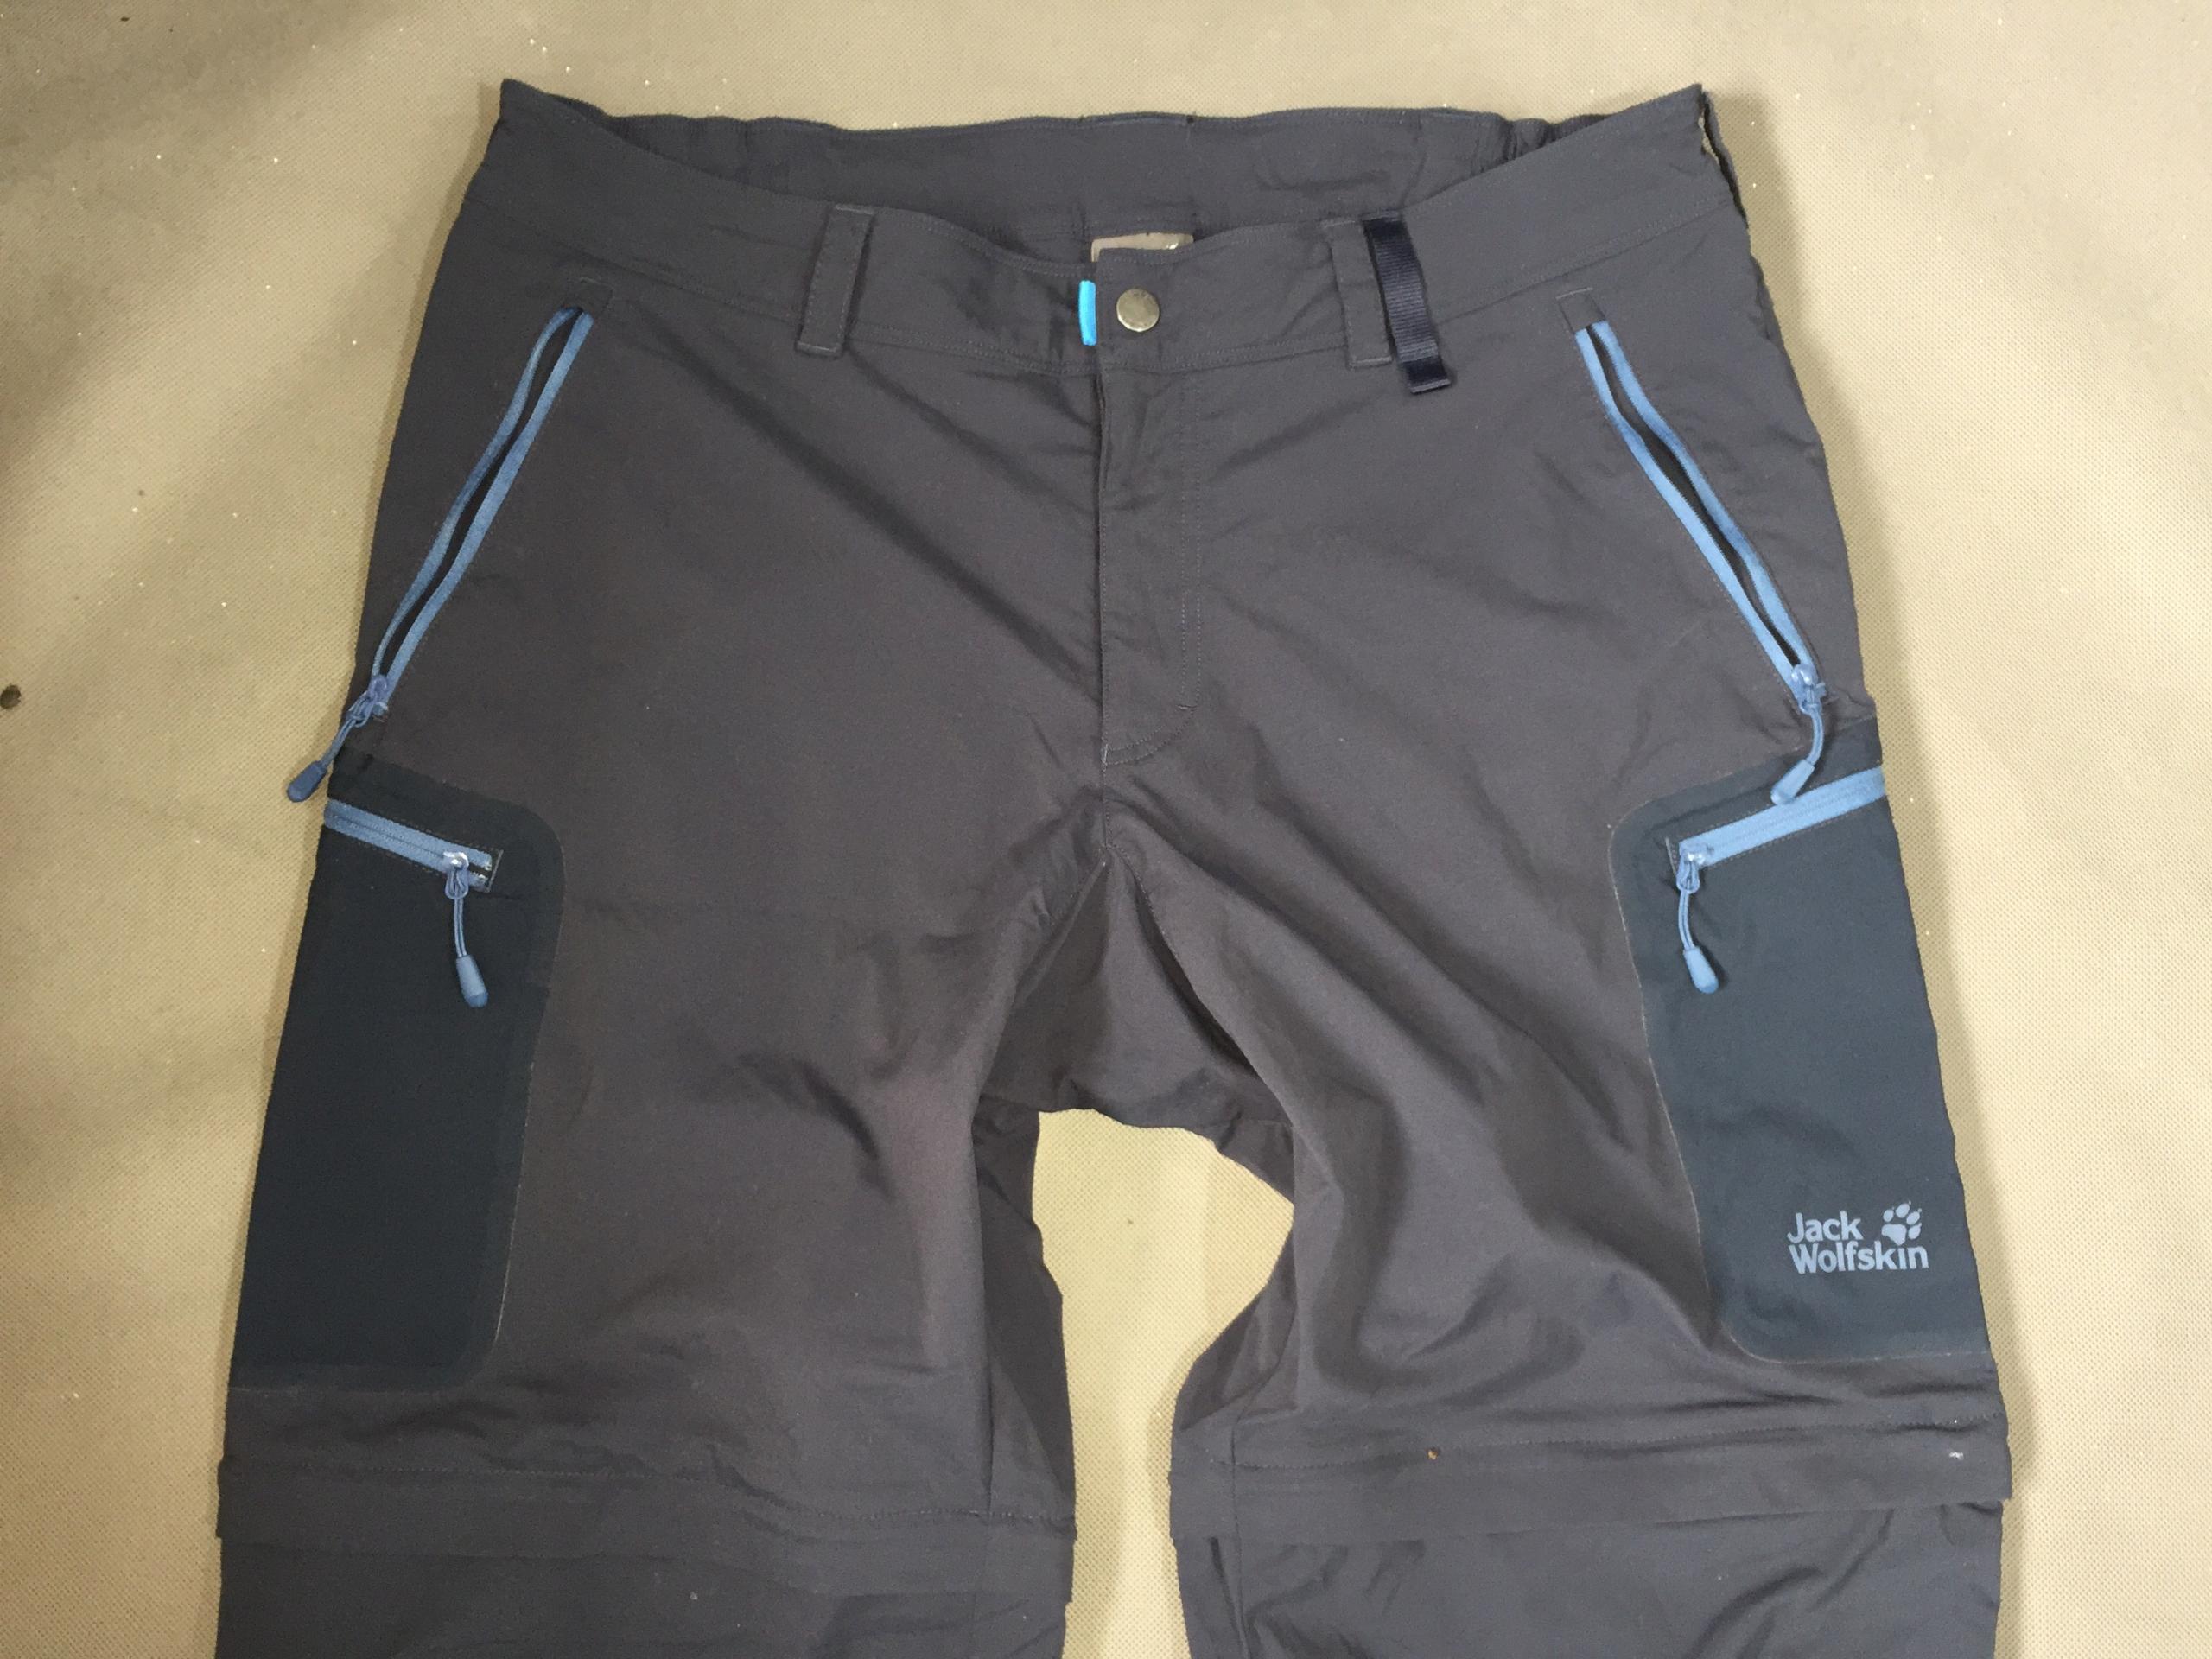 JACK WOLFSKIN FlexShield Spodnie Trekkingowe-XL